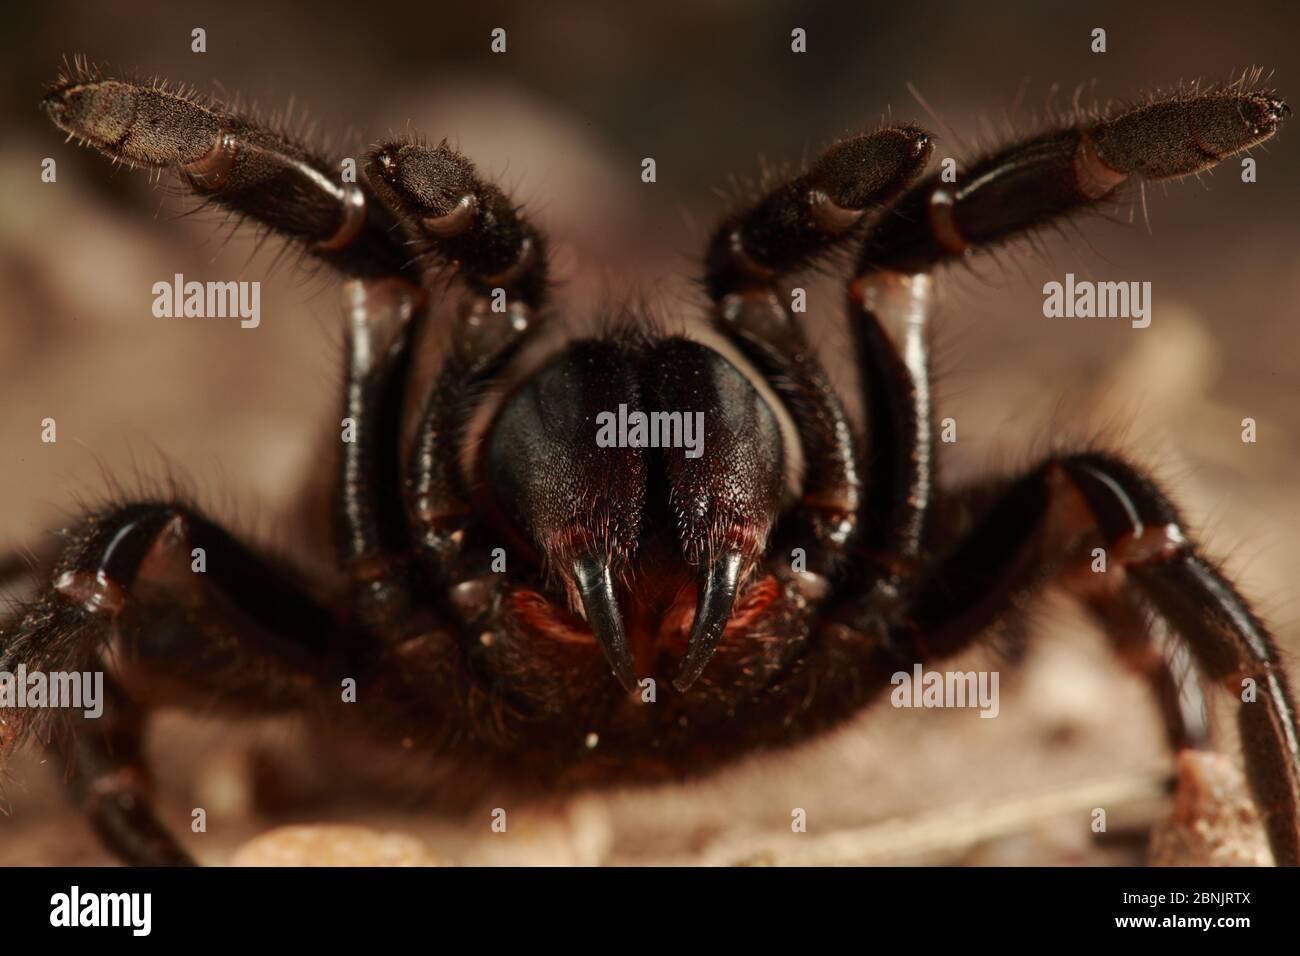 Tarantula (Aphonopelma sp) dans une posture agressive, Texas, USA, avril. Banque D'Images